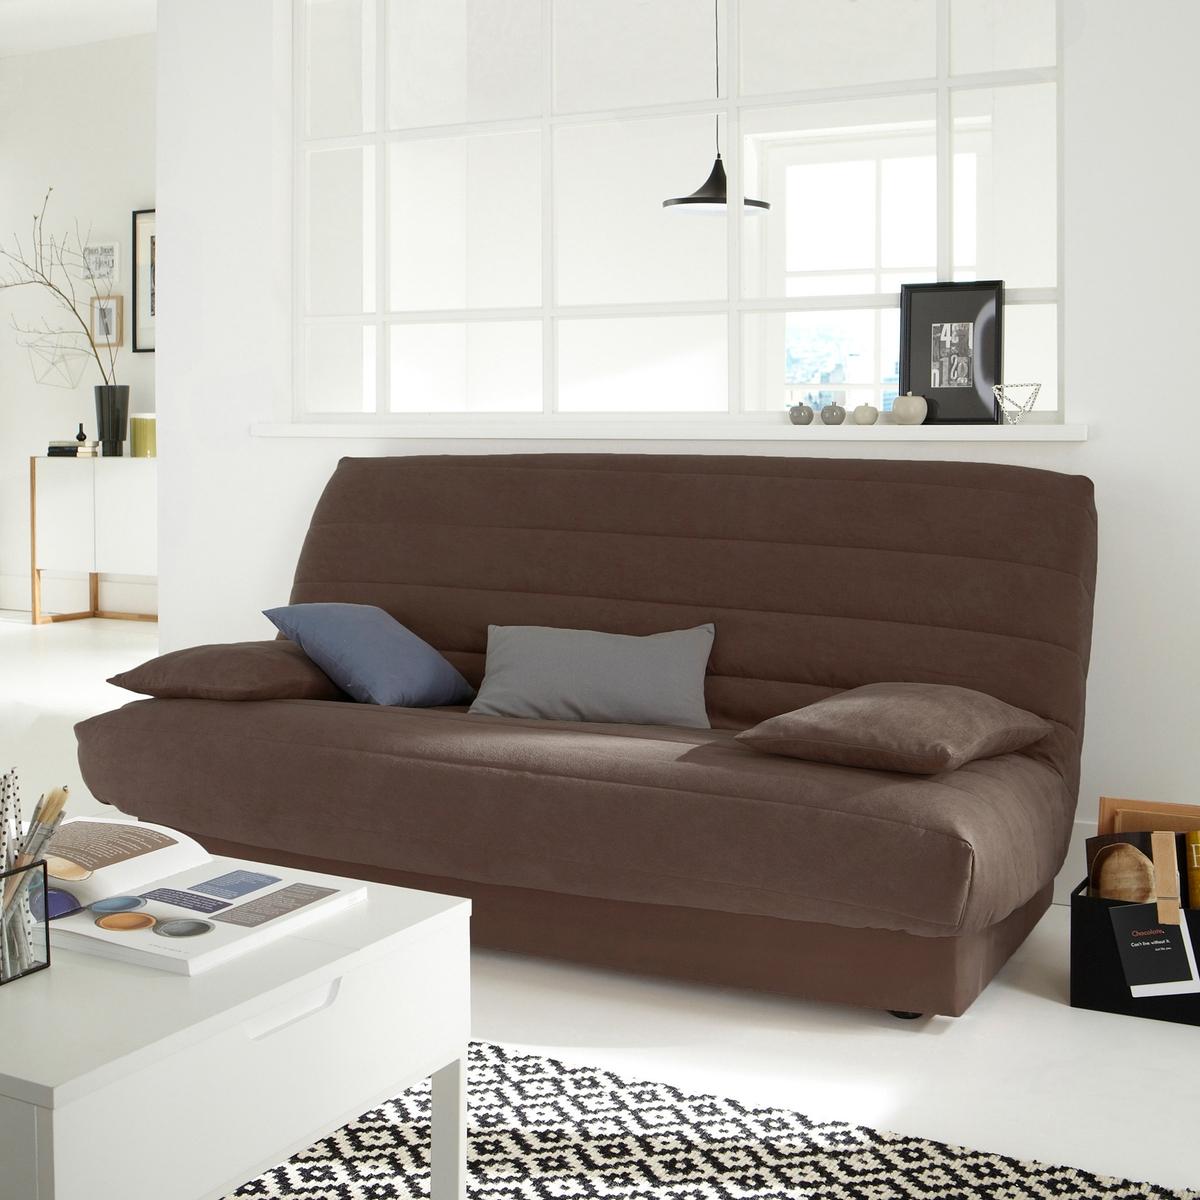 Чехол из искусственной замши для основания раскладного дивана.Чехол из искусственной замши для основания раскладного дивана мягкость кожицы персика 100% полиэстер. Характеристики чехла из искусственной замши для основания раскладного дивана:Отделка резинкой для максимальной эластичности.Размеры : Ширина 180 см, глубина 82 см, высота 30 смСтирка при 30°.<br><br>Цвет: шоколадно-каштановый